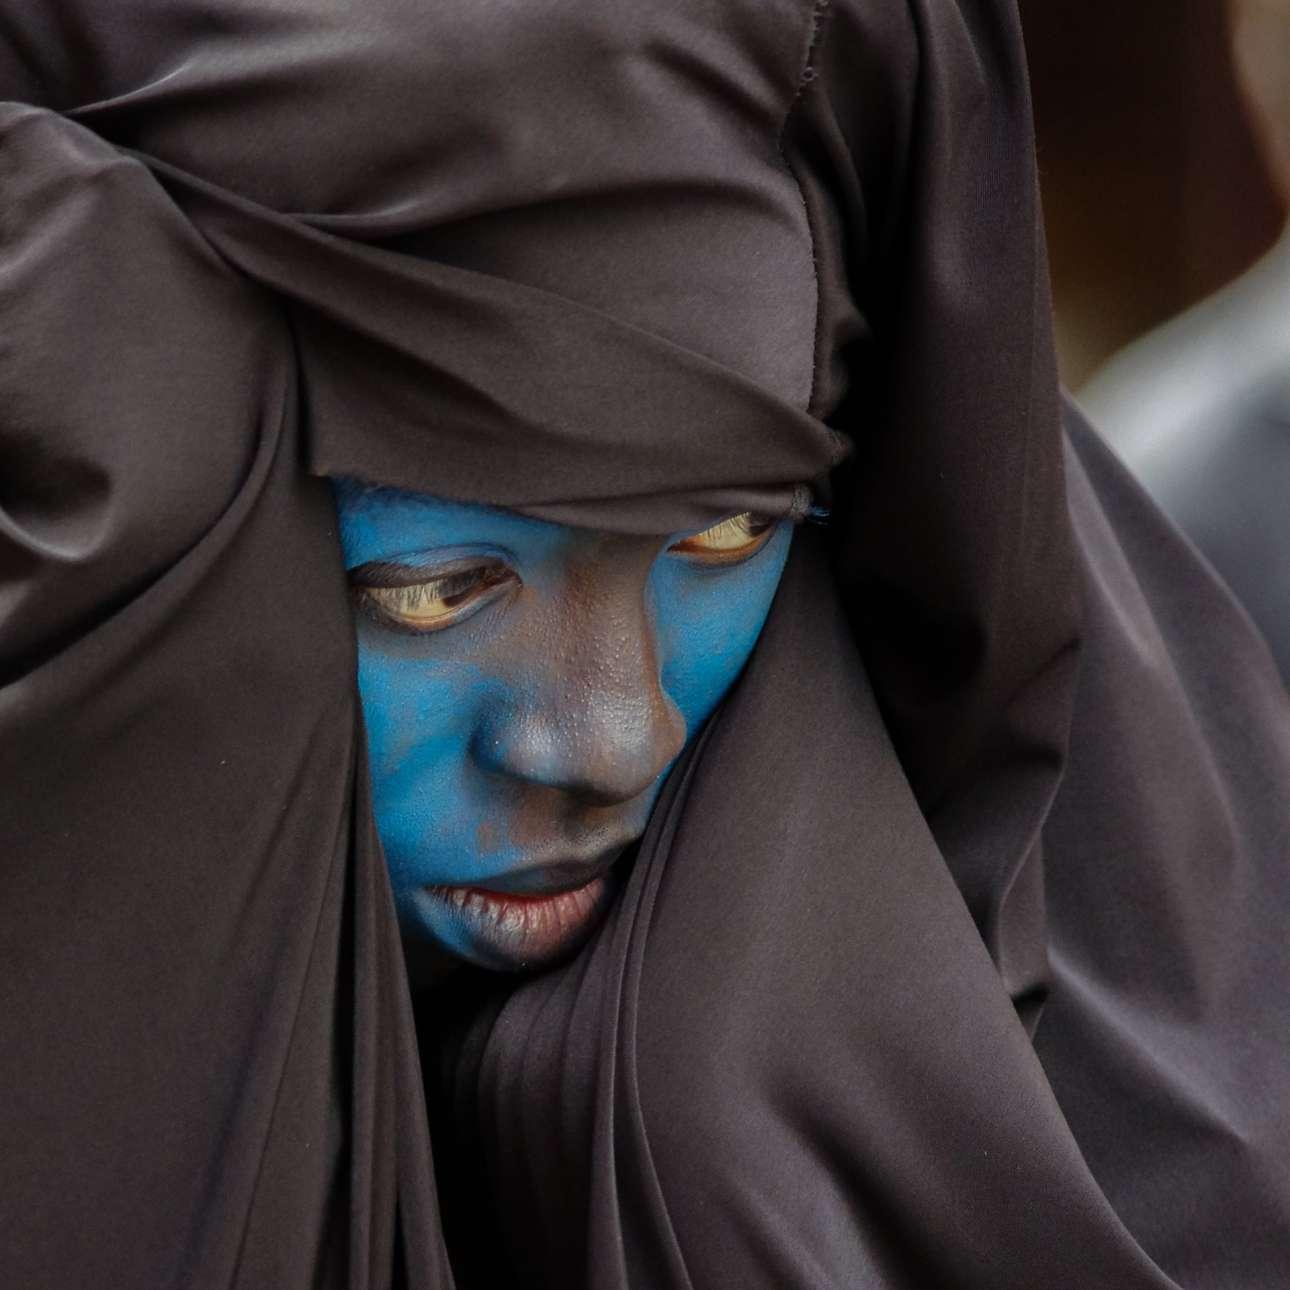 Βραβείο στην κατηγορία Ταξίδι. Κοντινό σε γυναίκα που συμμετέχει στο Zinneke Parade στις Βρυξέλλες, μία παρέλαση που έχει ως στόχο να φέρει κοντά ανθρώπους από διαφορετικές κουλτούρες